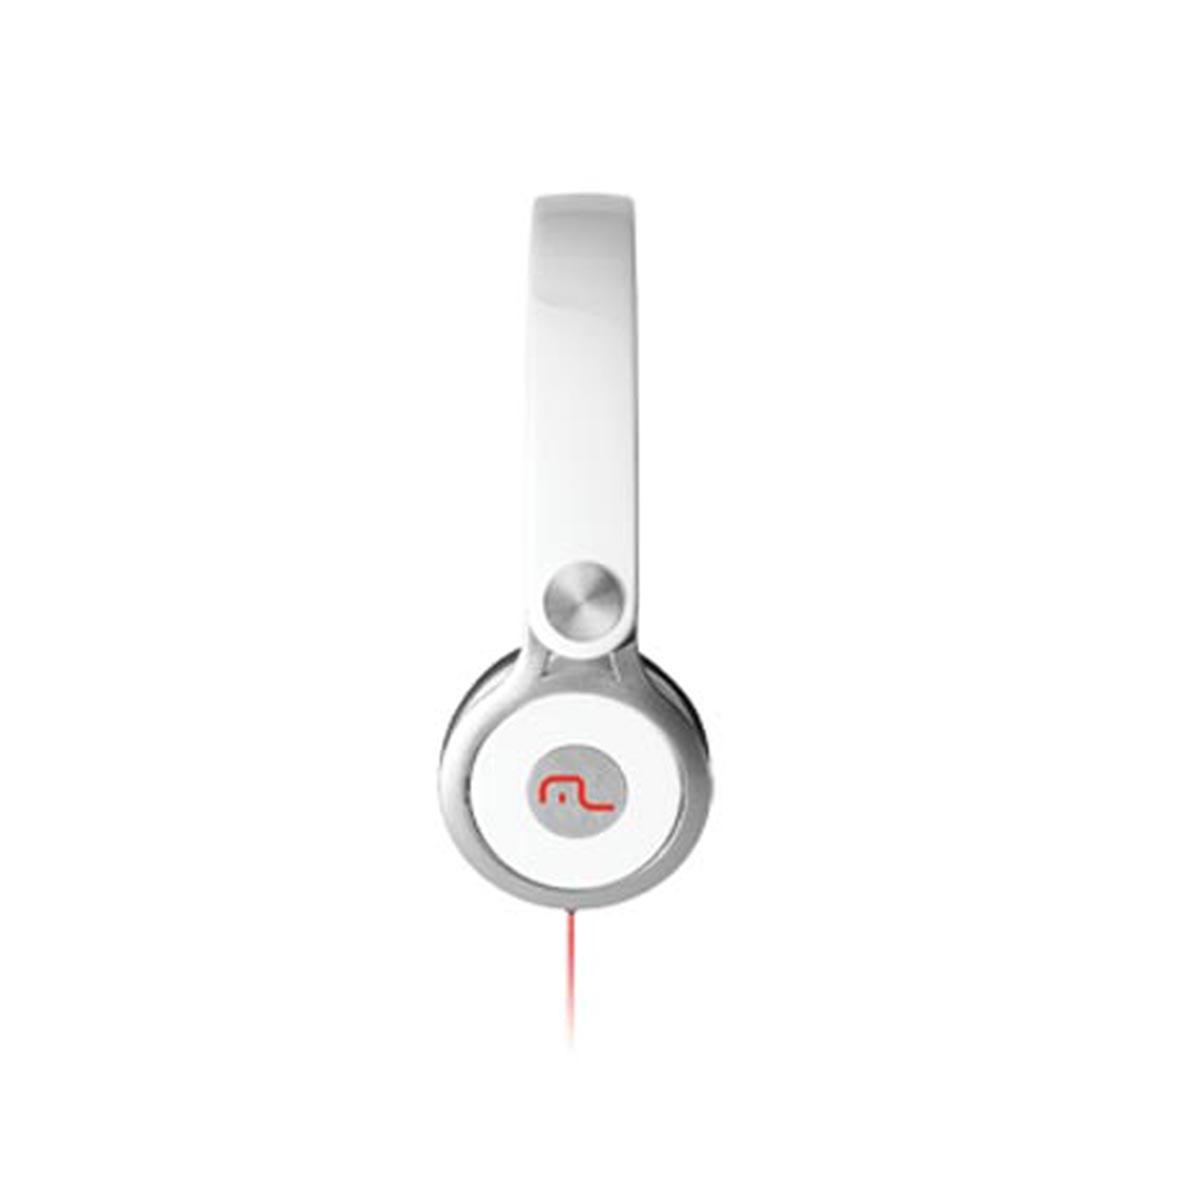 Fone de Ouvido Headphone 360 Branco PH082 - Multilaser